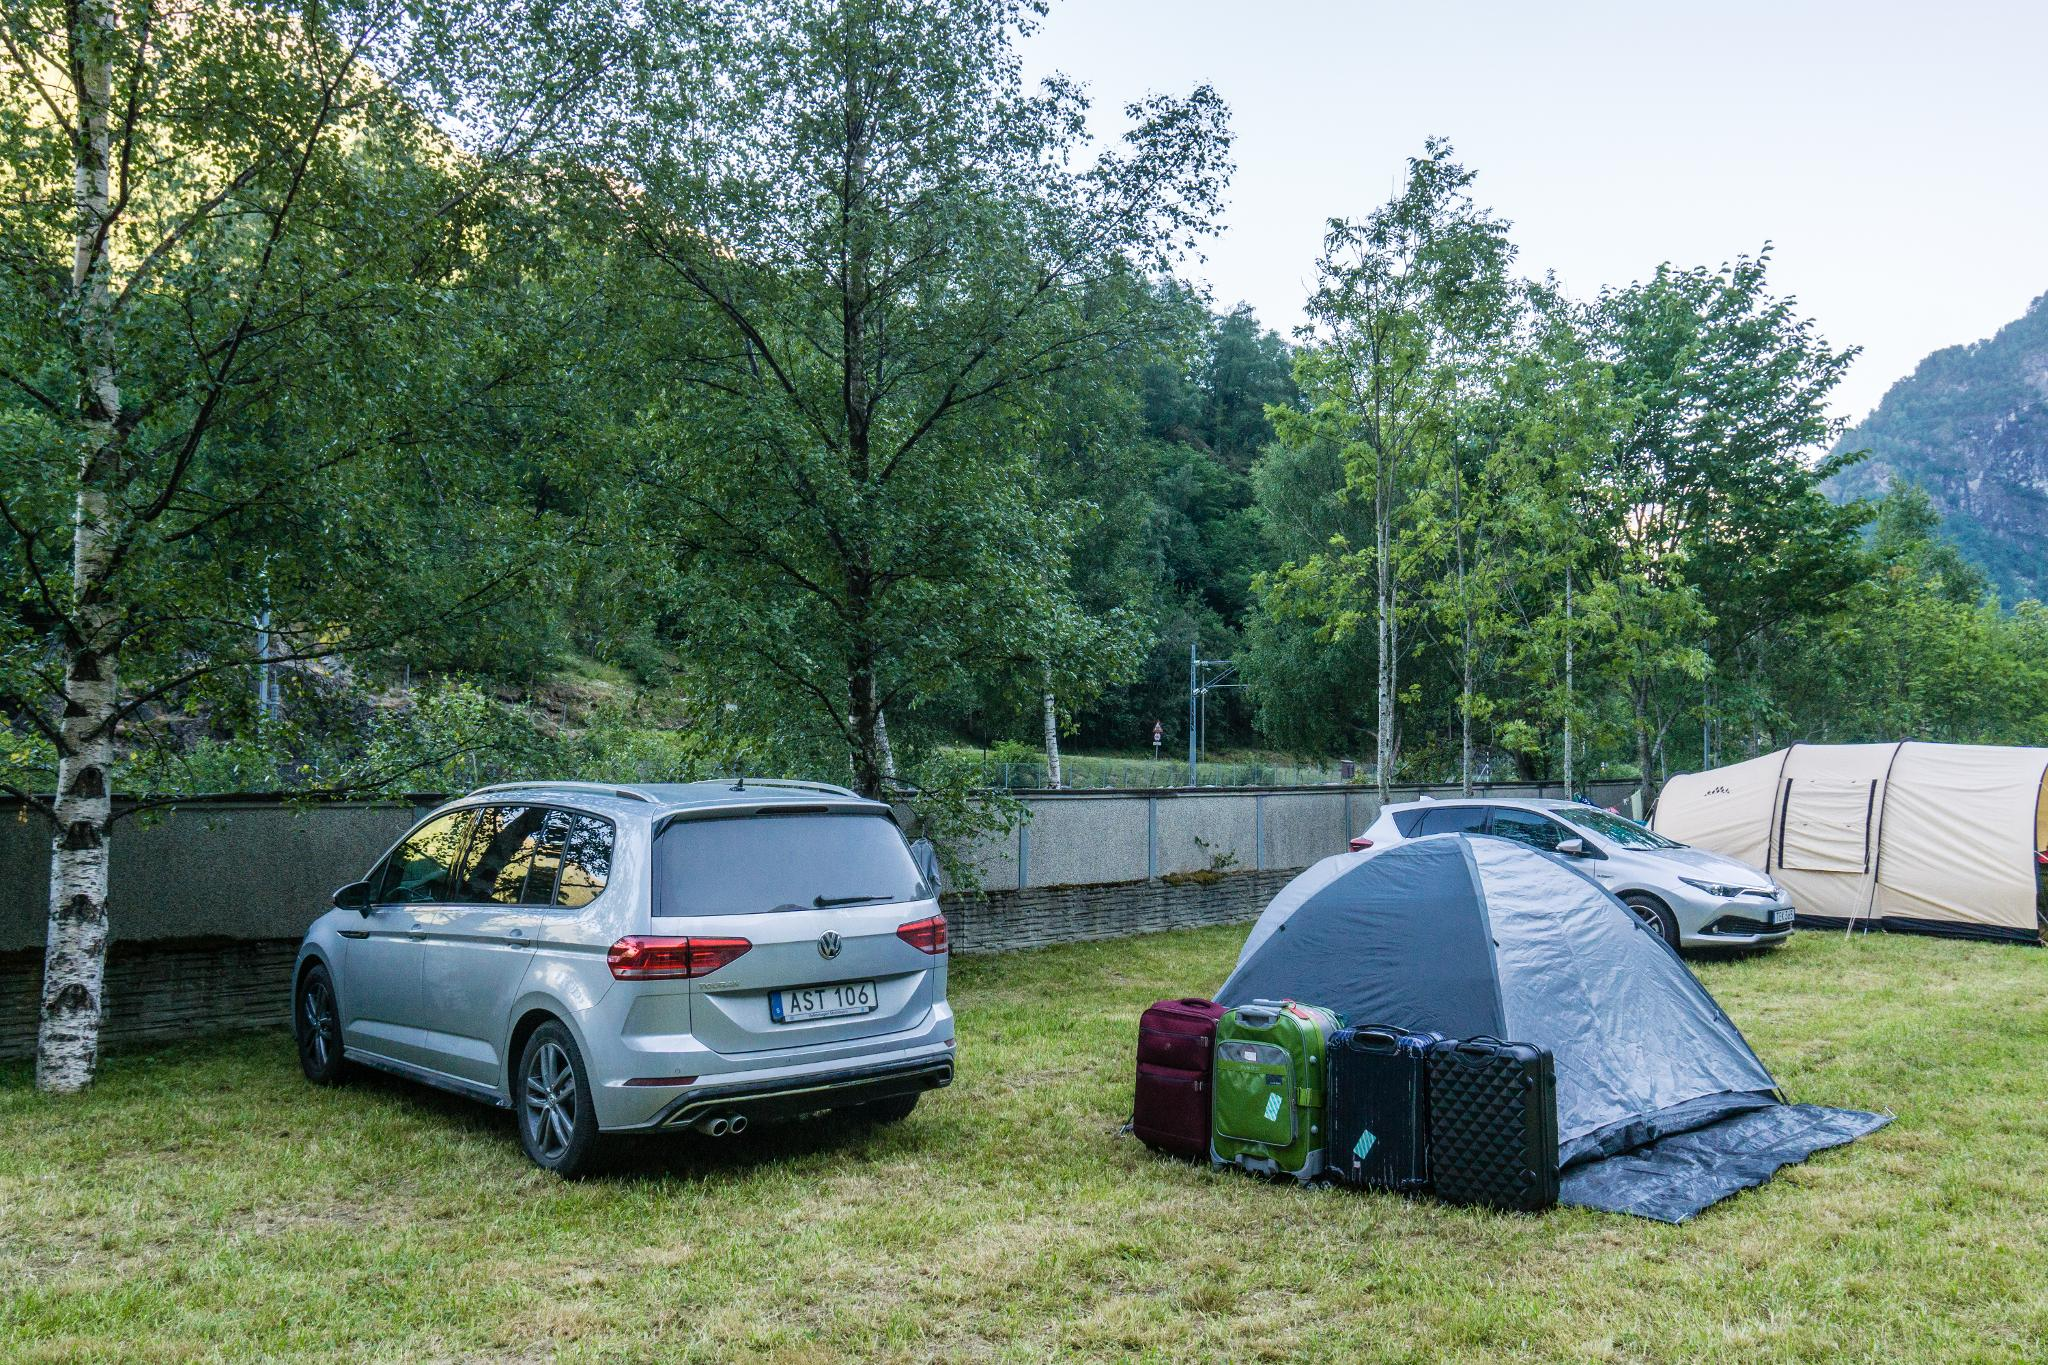 【北歐景點】Flåm 弗洛姆小鎮 — 挪威縮影的重要轉運站 (Flåm Camping與松恩峽灣渡輪介紹) 7